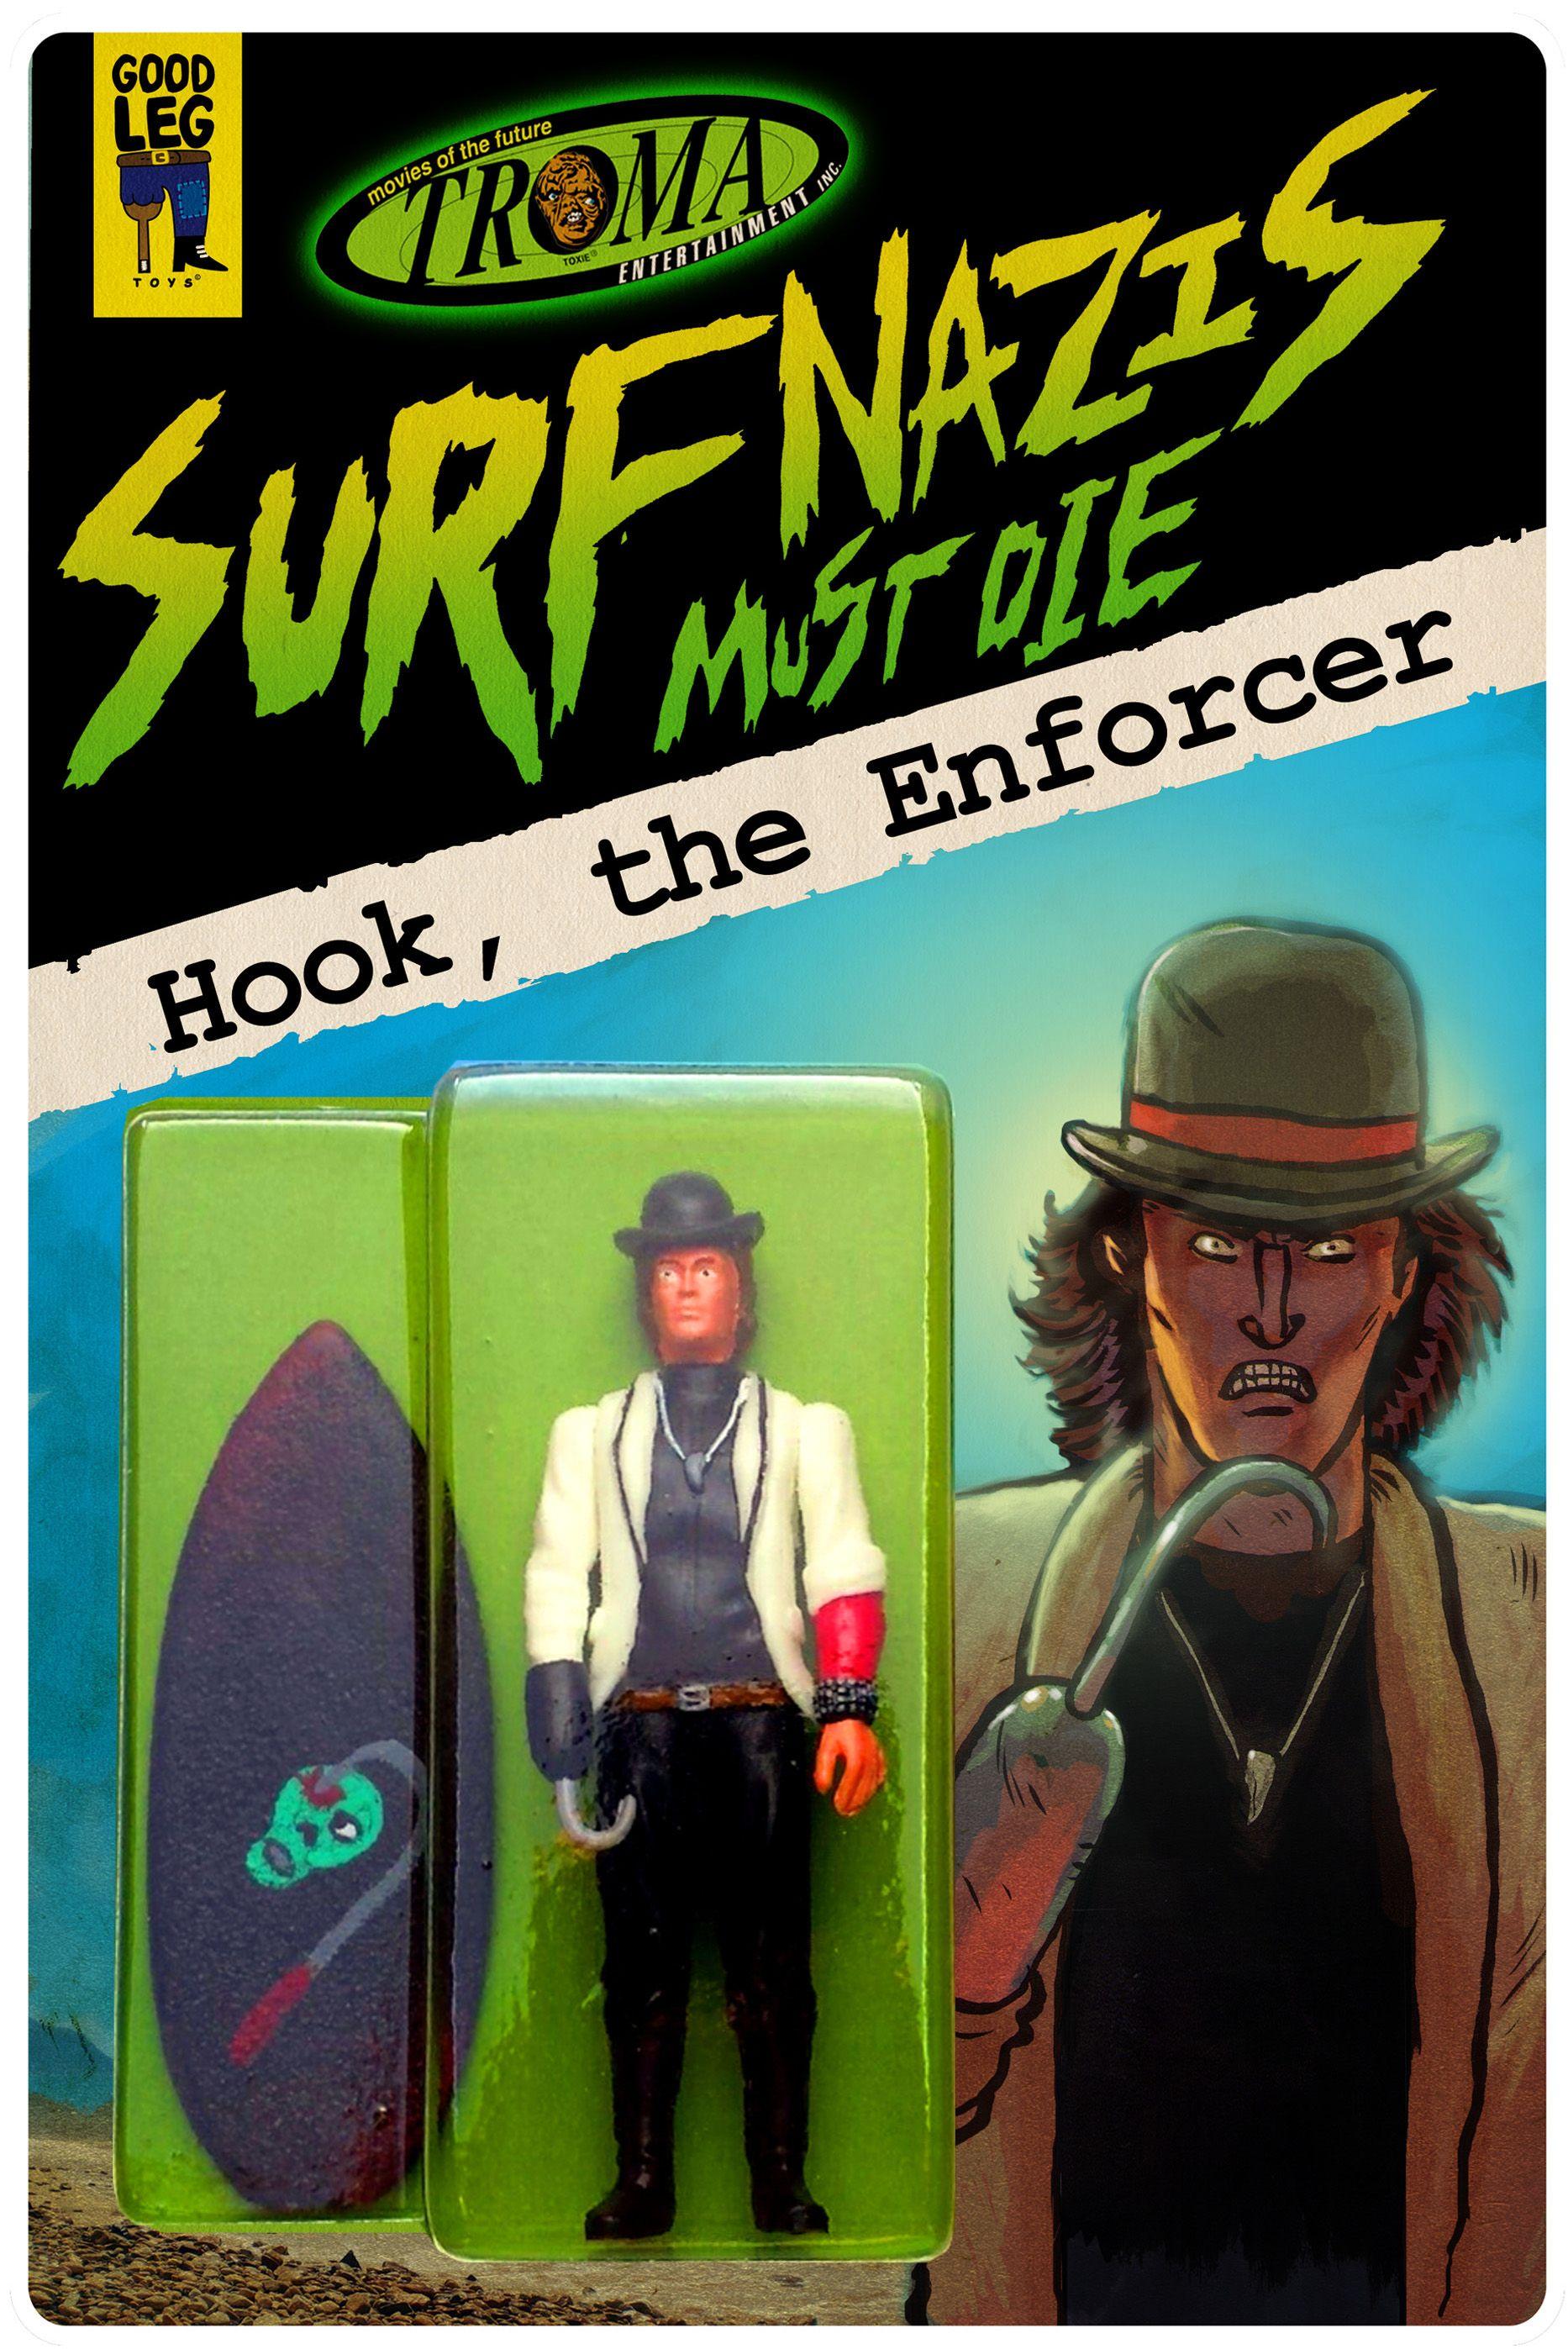 Surfer nazi must die